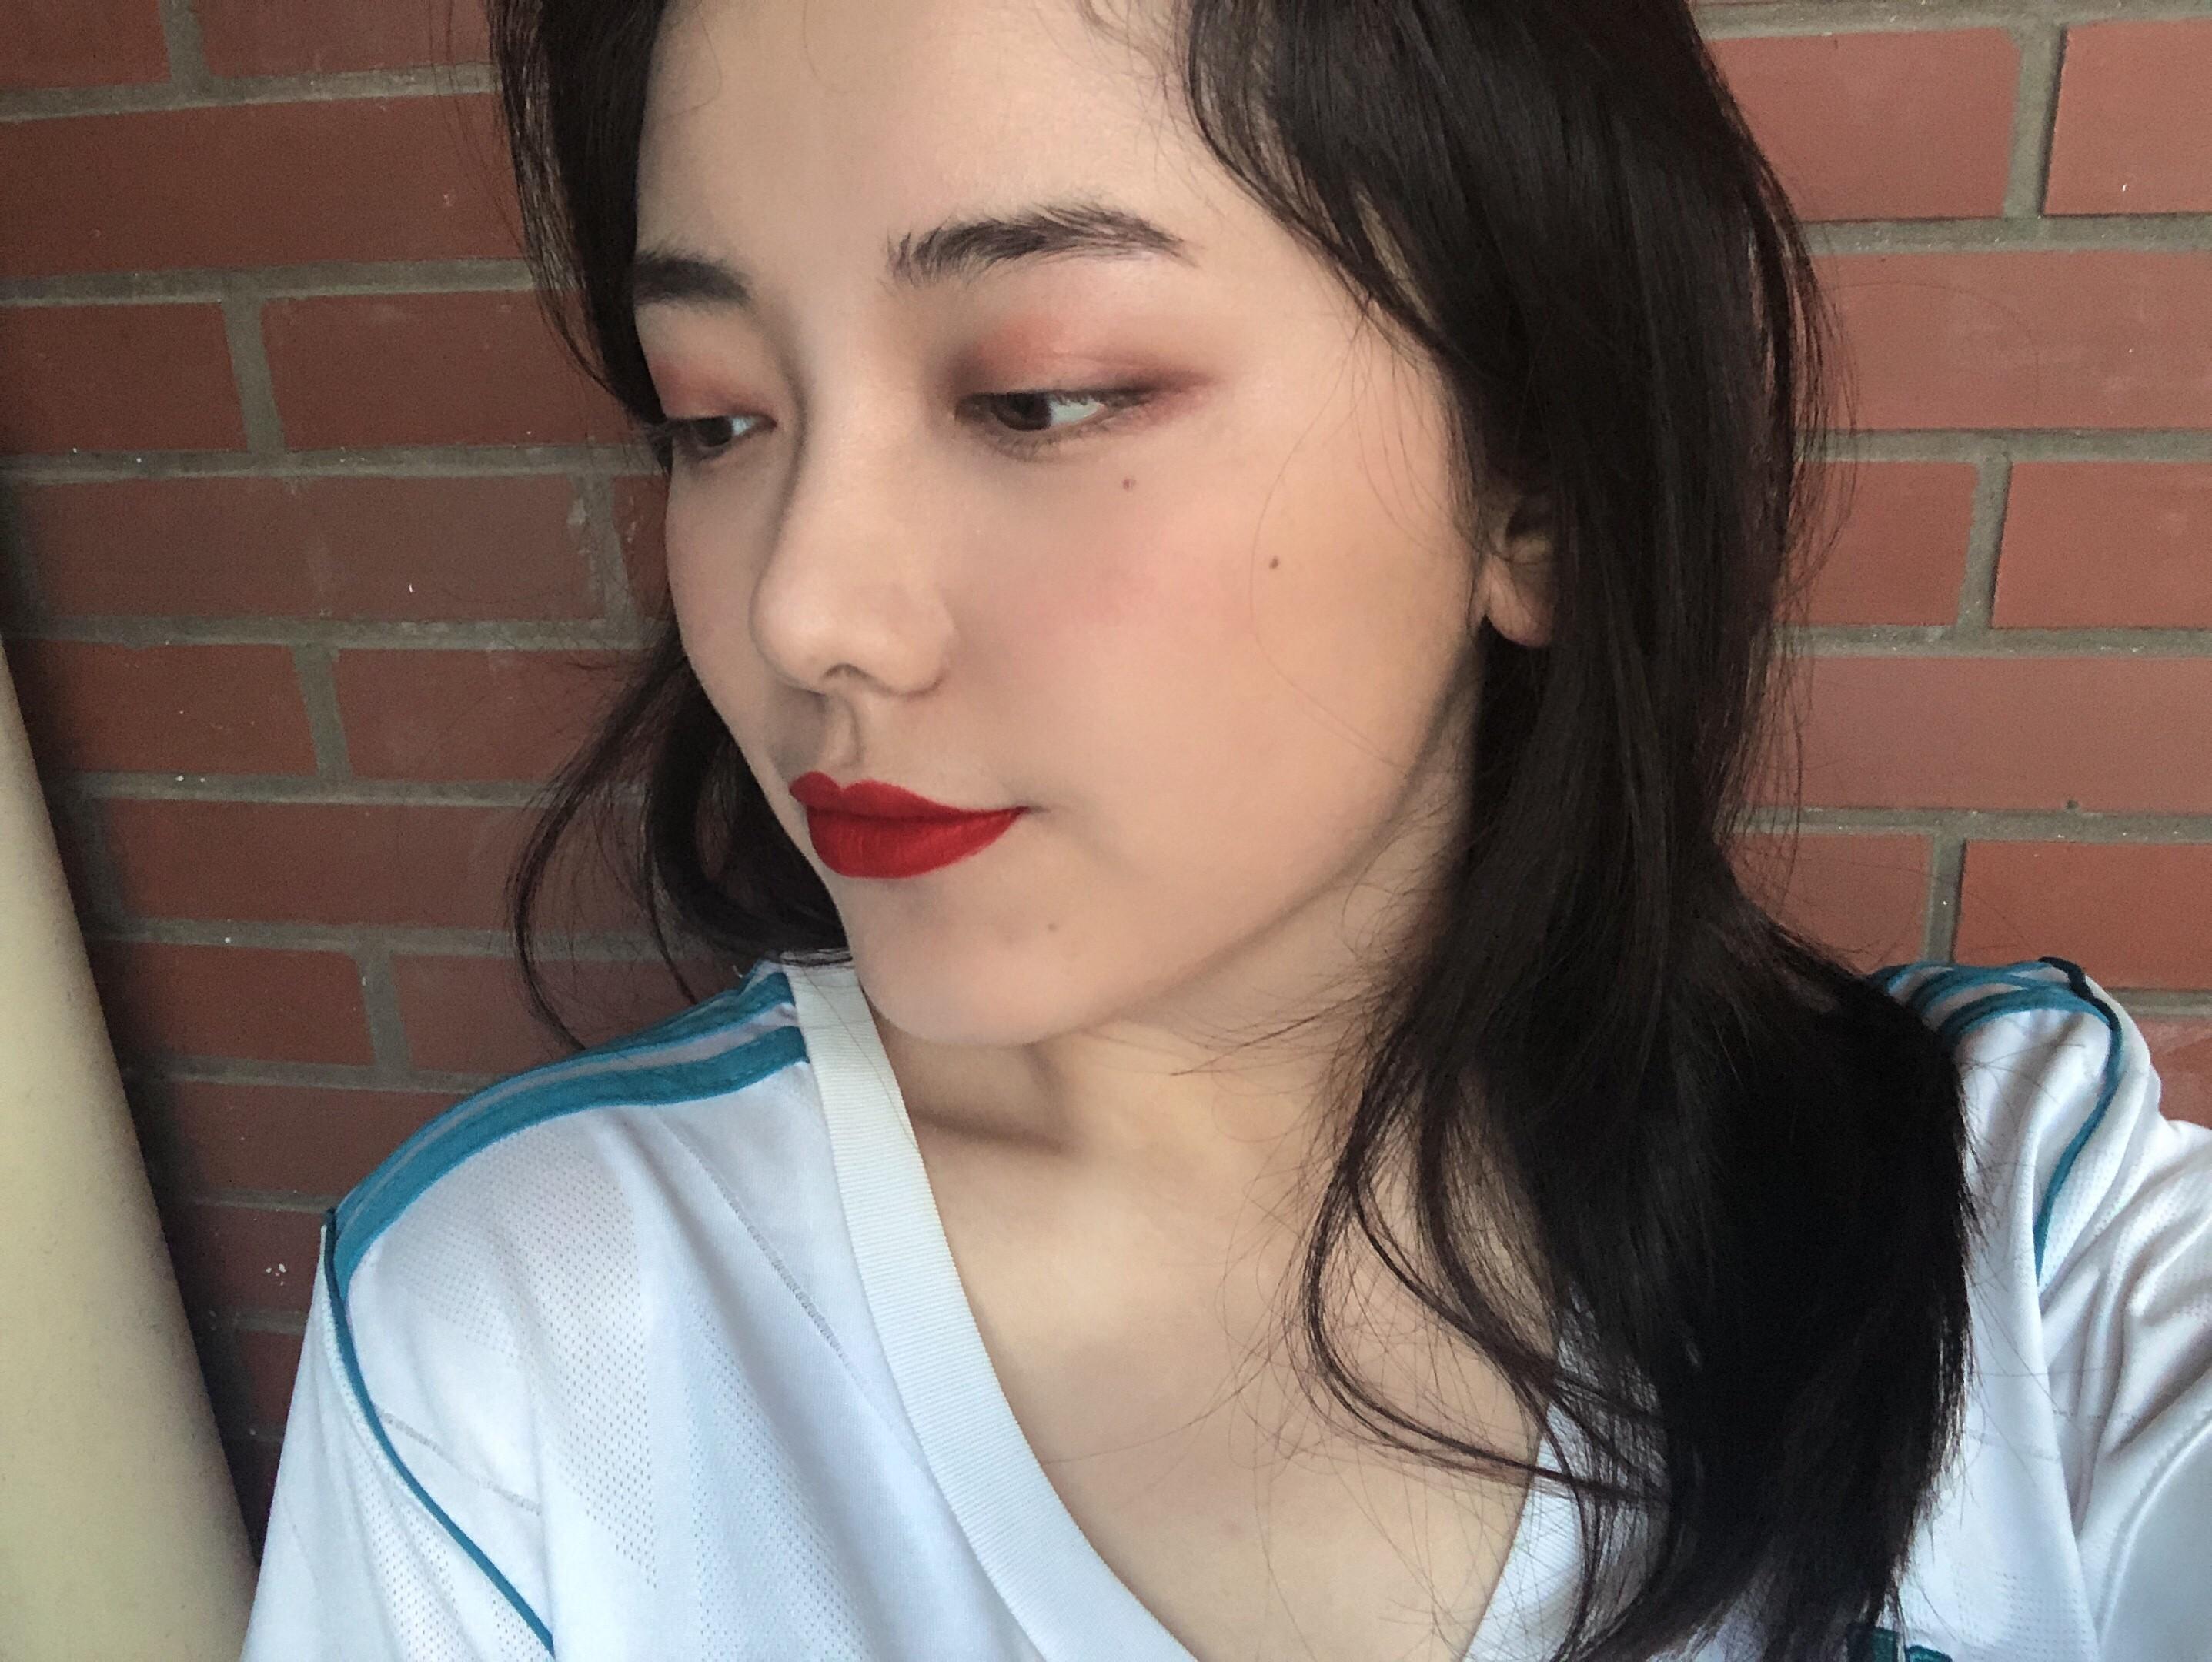 女球迷采访:C罗迷妹阿楠,周日晚7点她将做客你懂直播间~